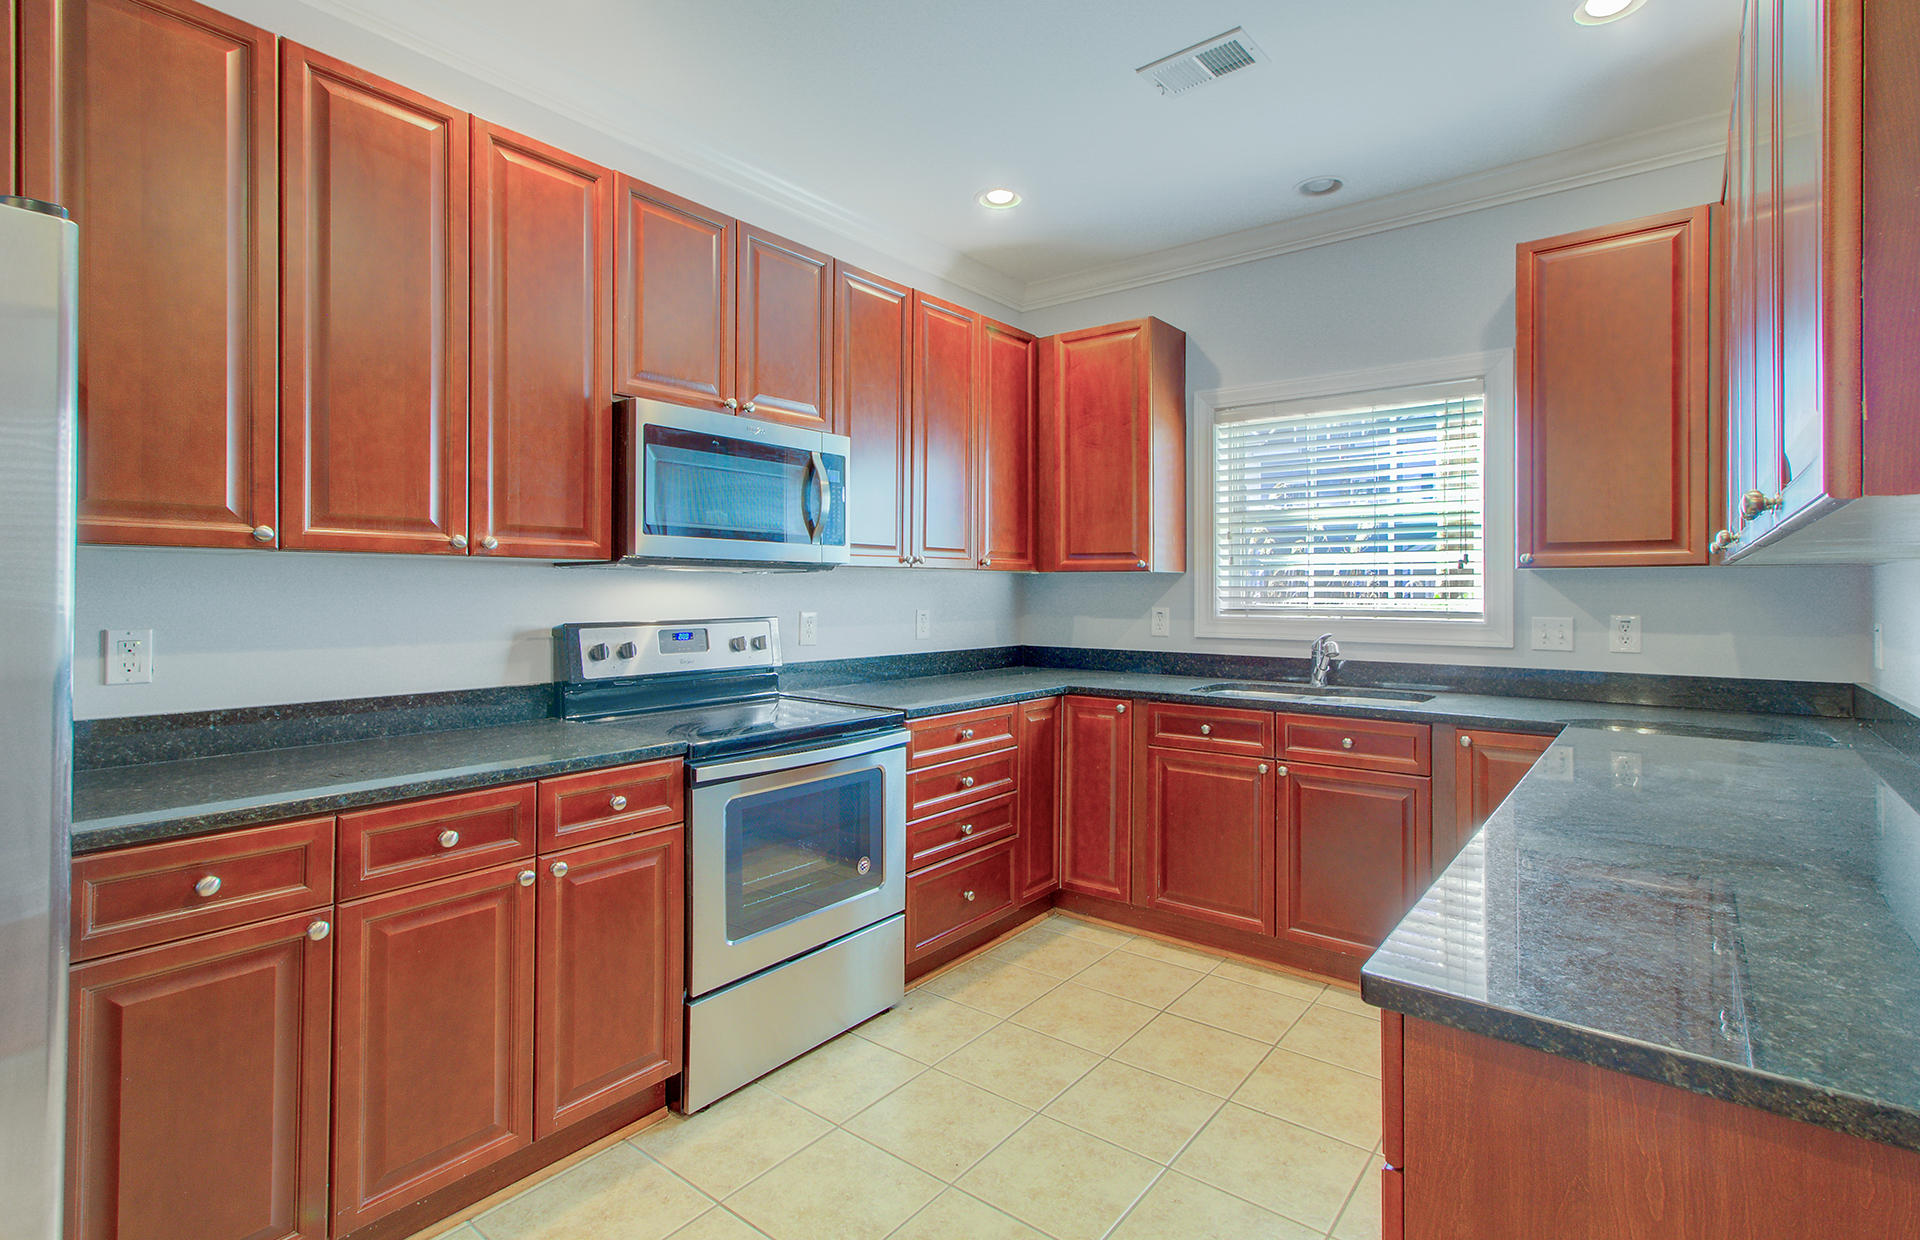 Lake Palmetto Homes For Sale - 4904 Lake Palmetto, North Charleston, SC - 22